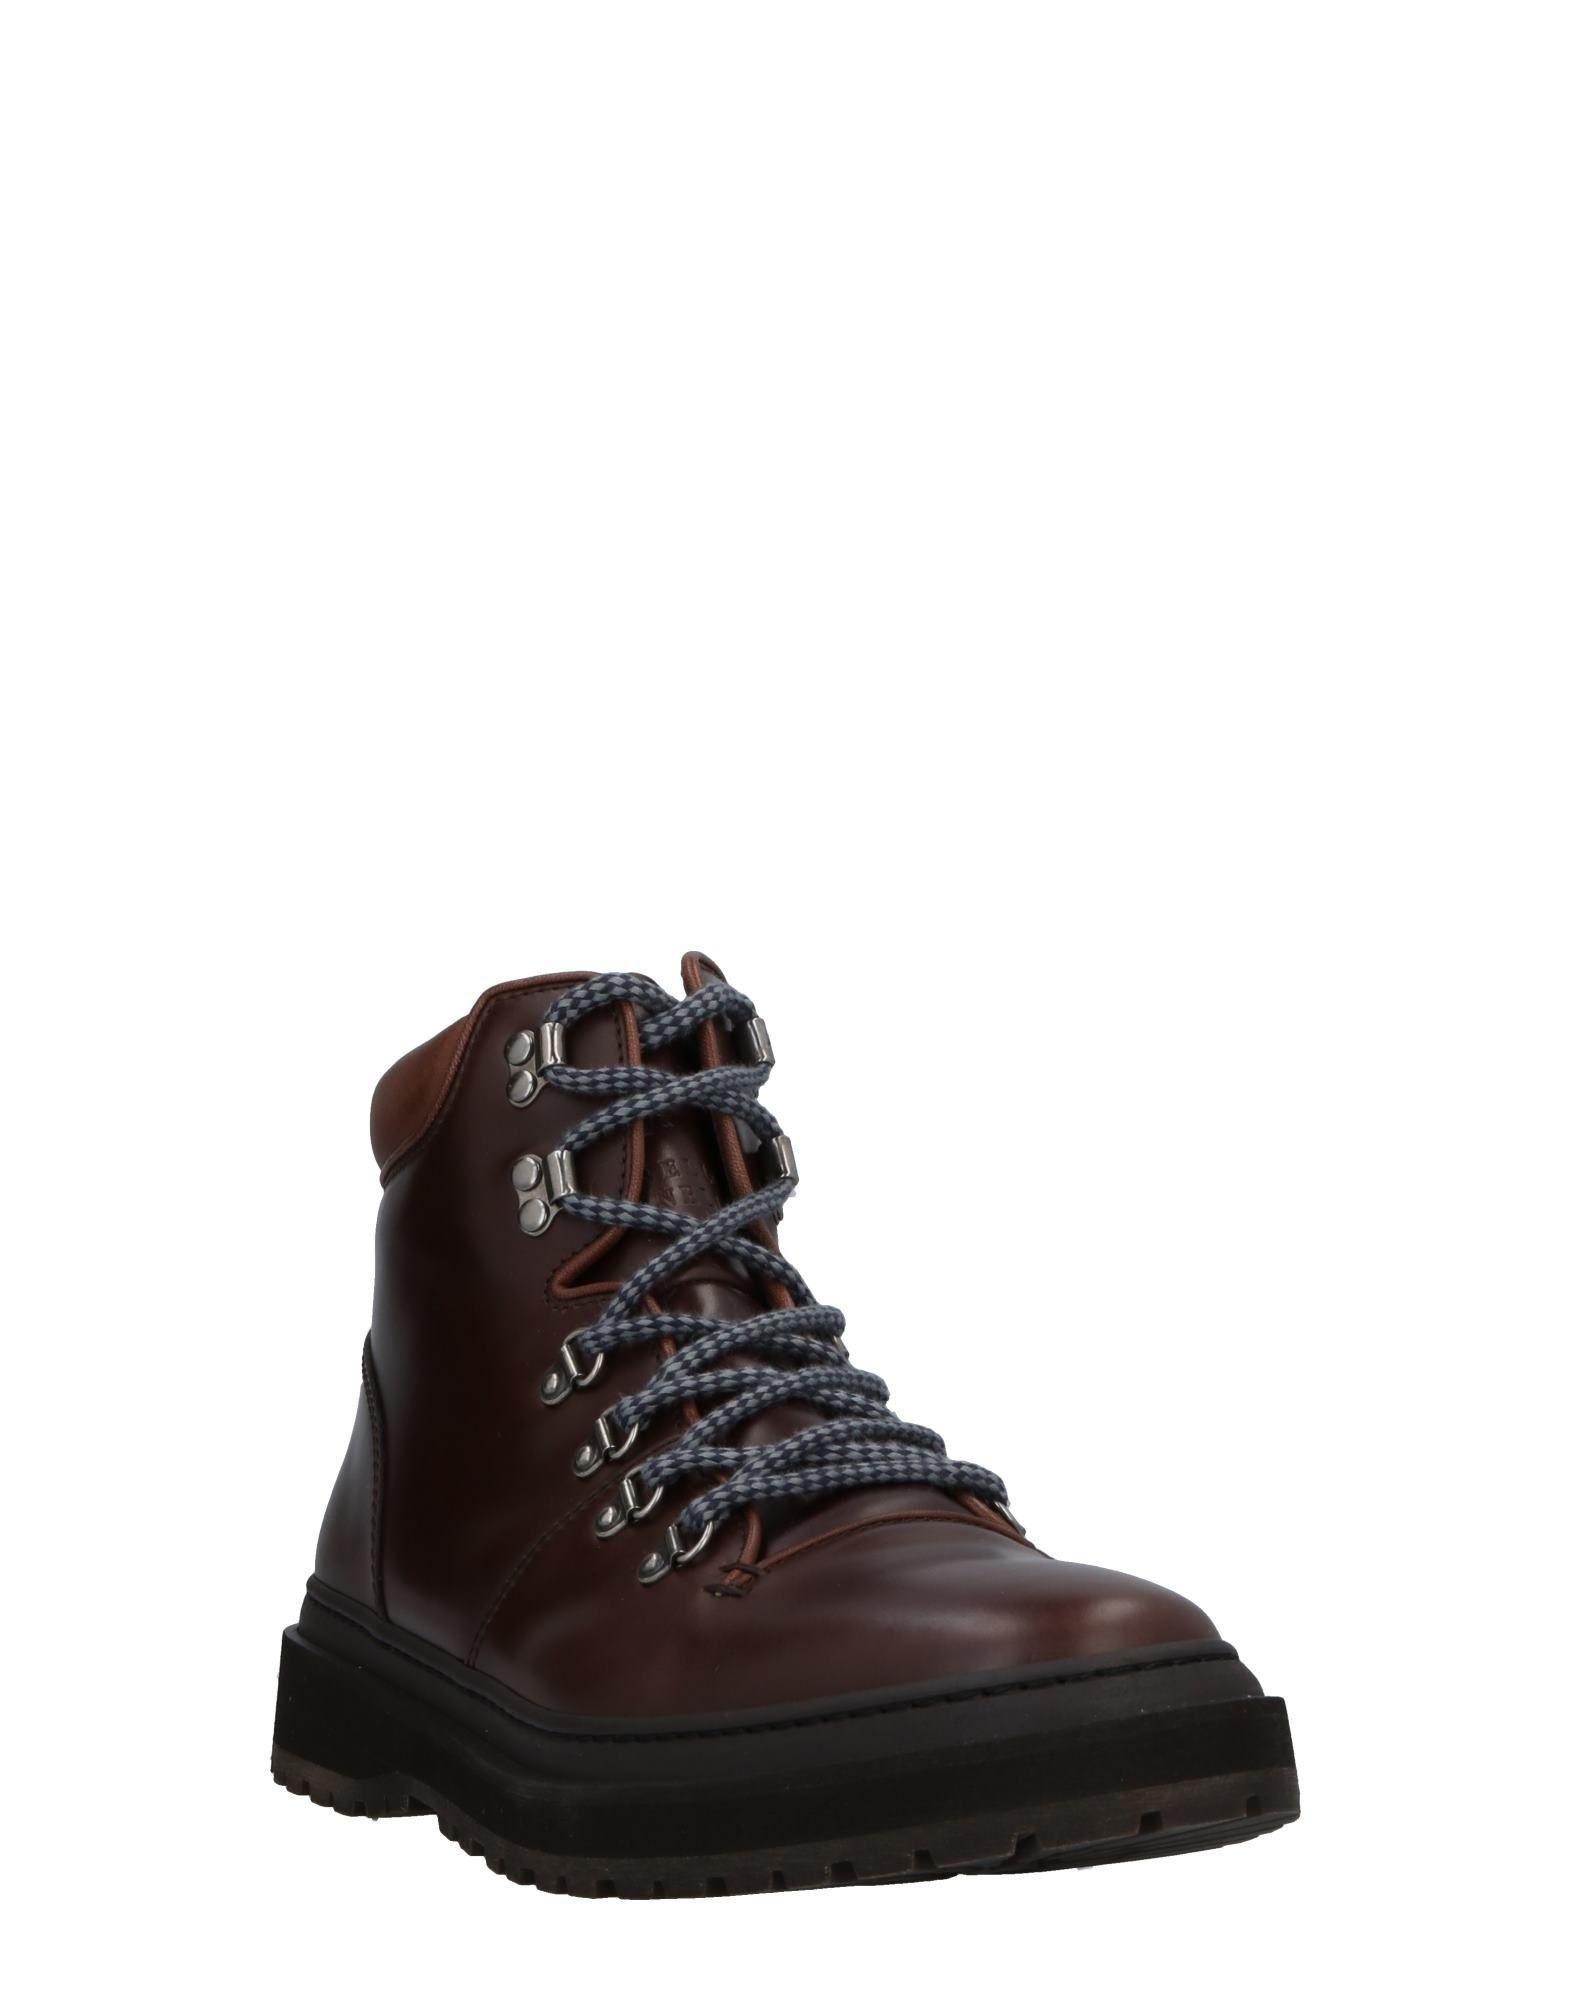 Brunello Cucinelli Stiefelette Herren  Schuhe 11516151WS Gute Qualität beliebte Schuhe  7697a2